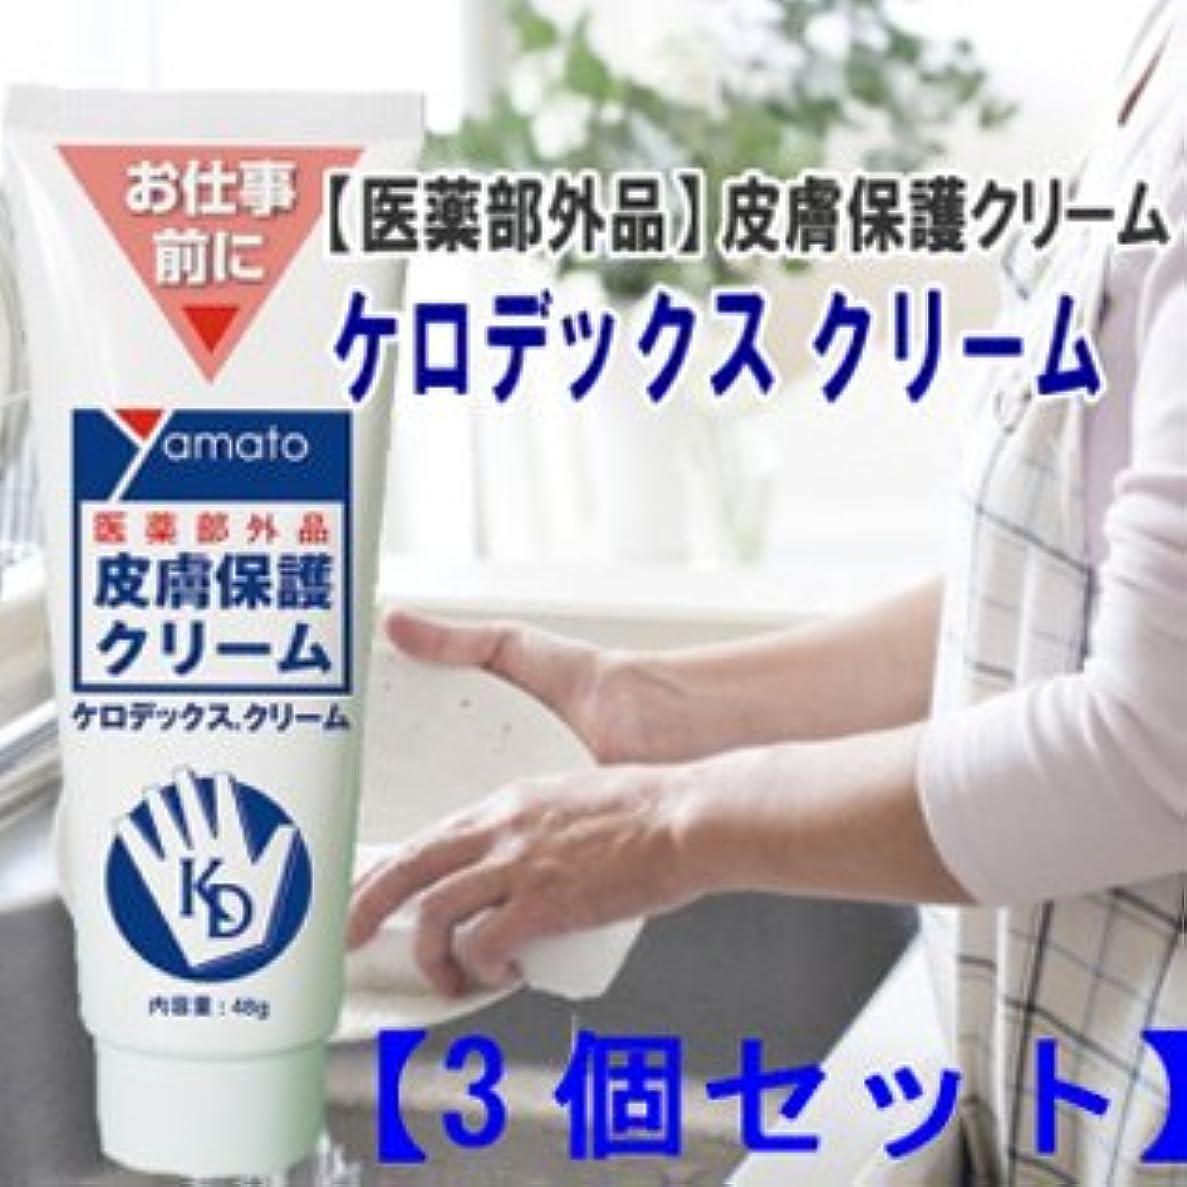 一貫性のないタービン多様な医薬部外品 皮膚保護クリーム ケロデックスクリーム48g 3個セット